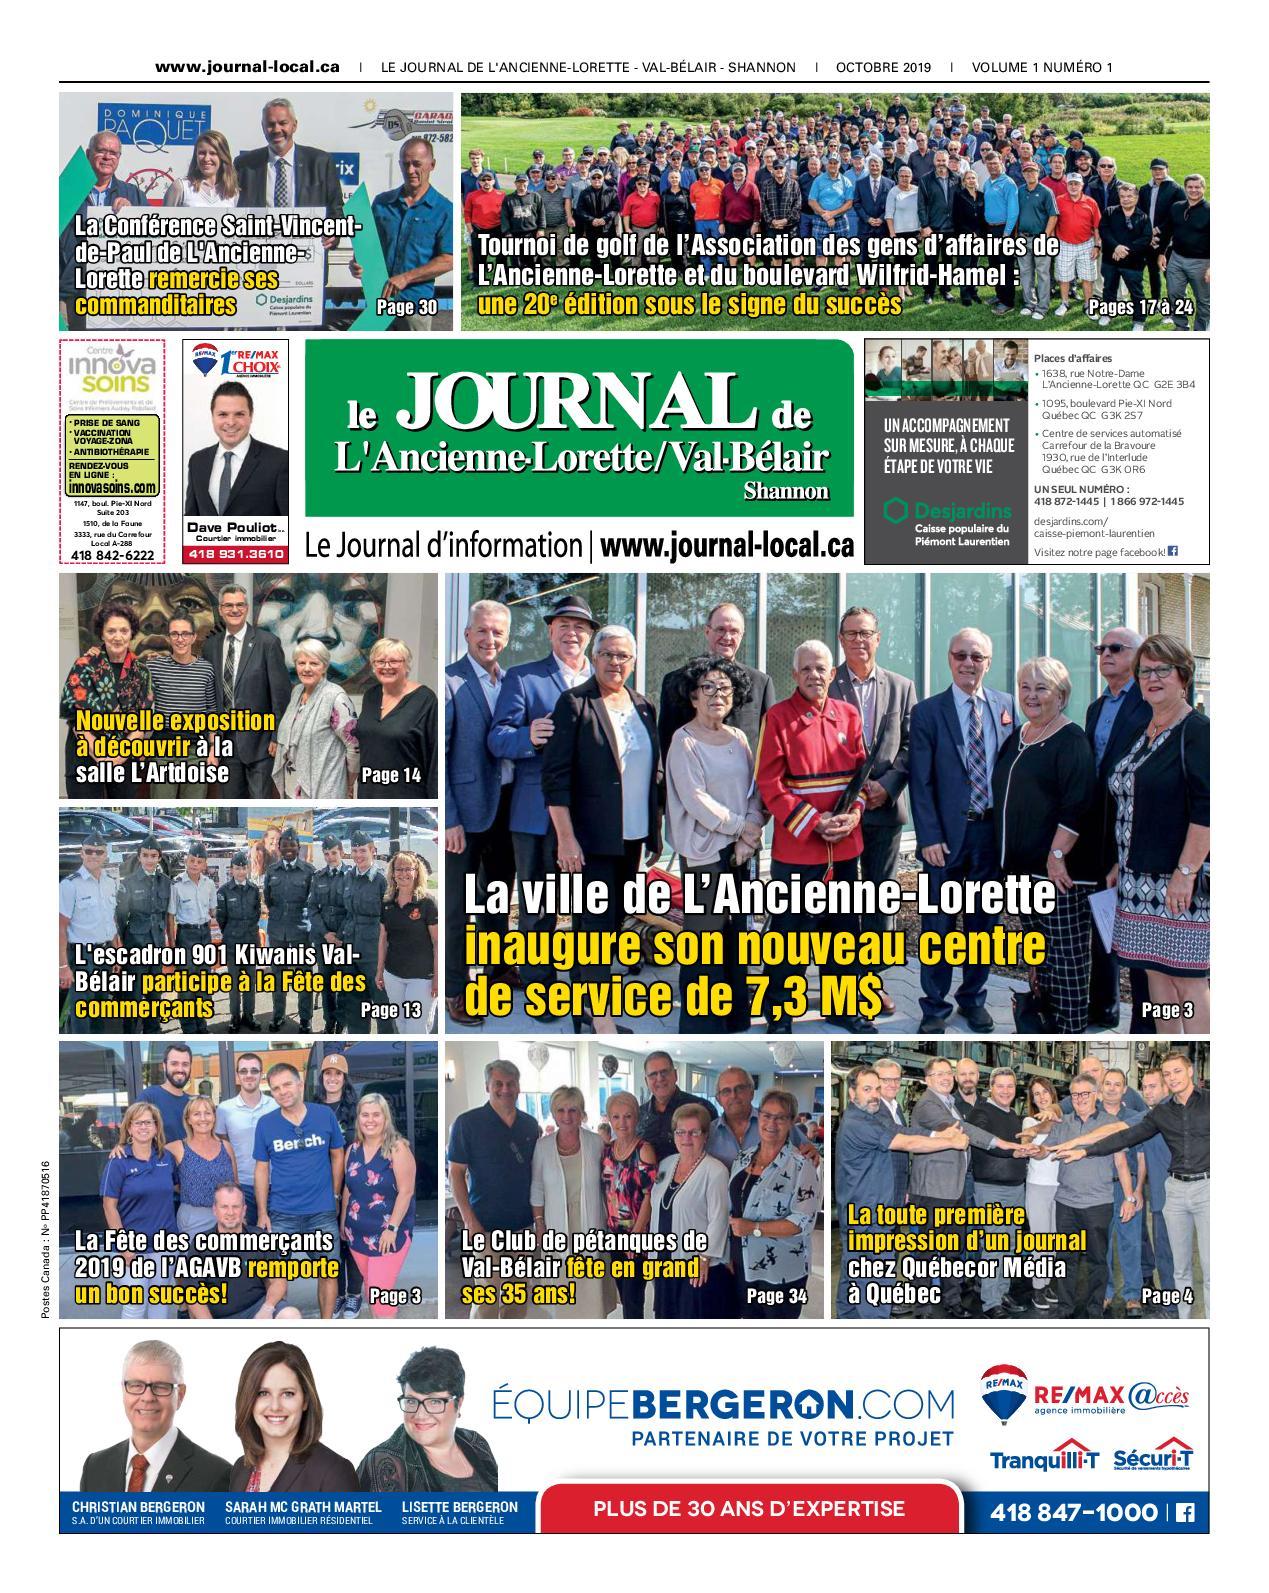 Vision Unik La Rochette calaméo - jalvbs 10 2019 web